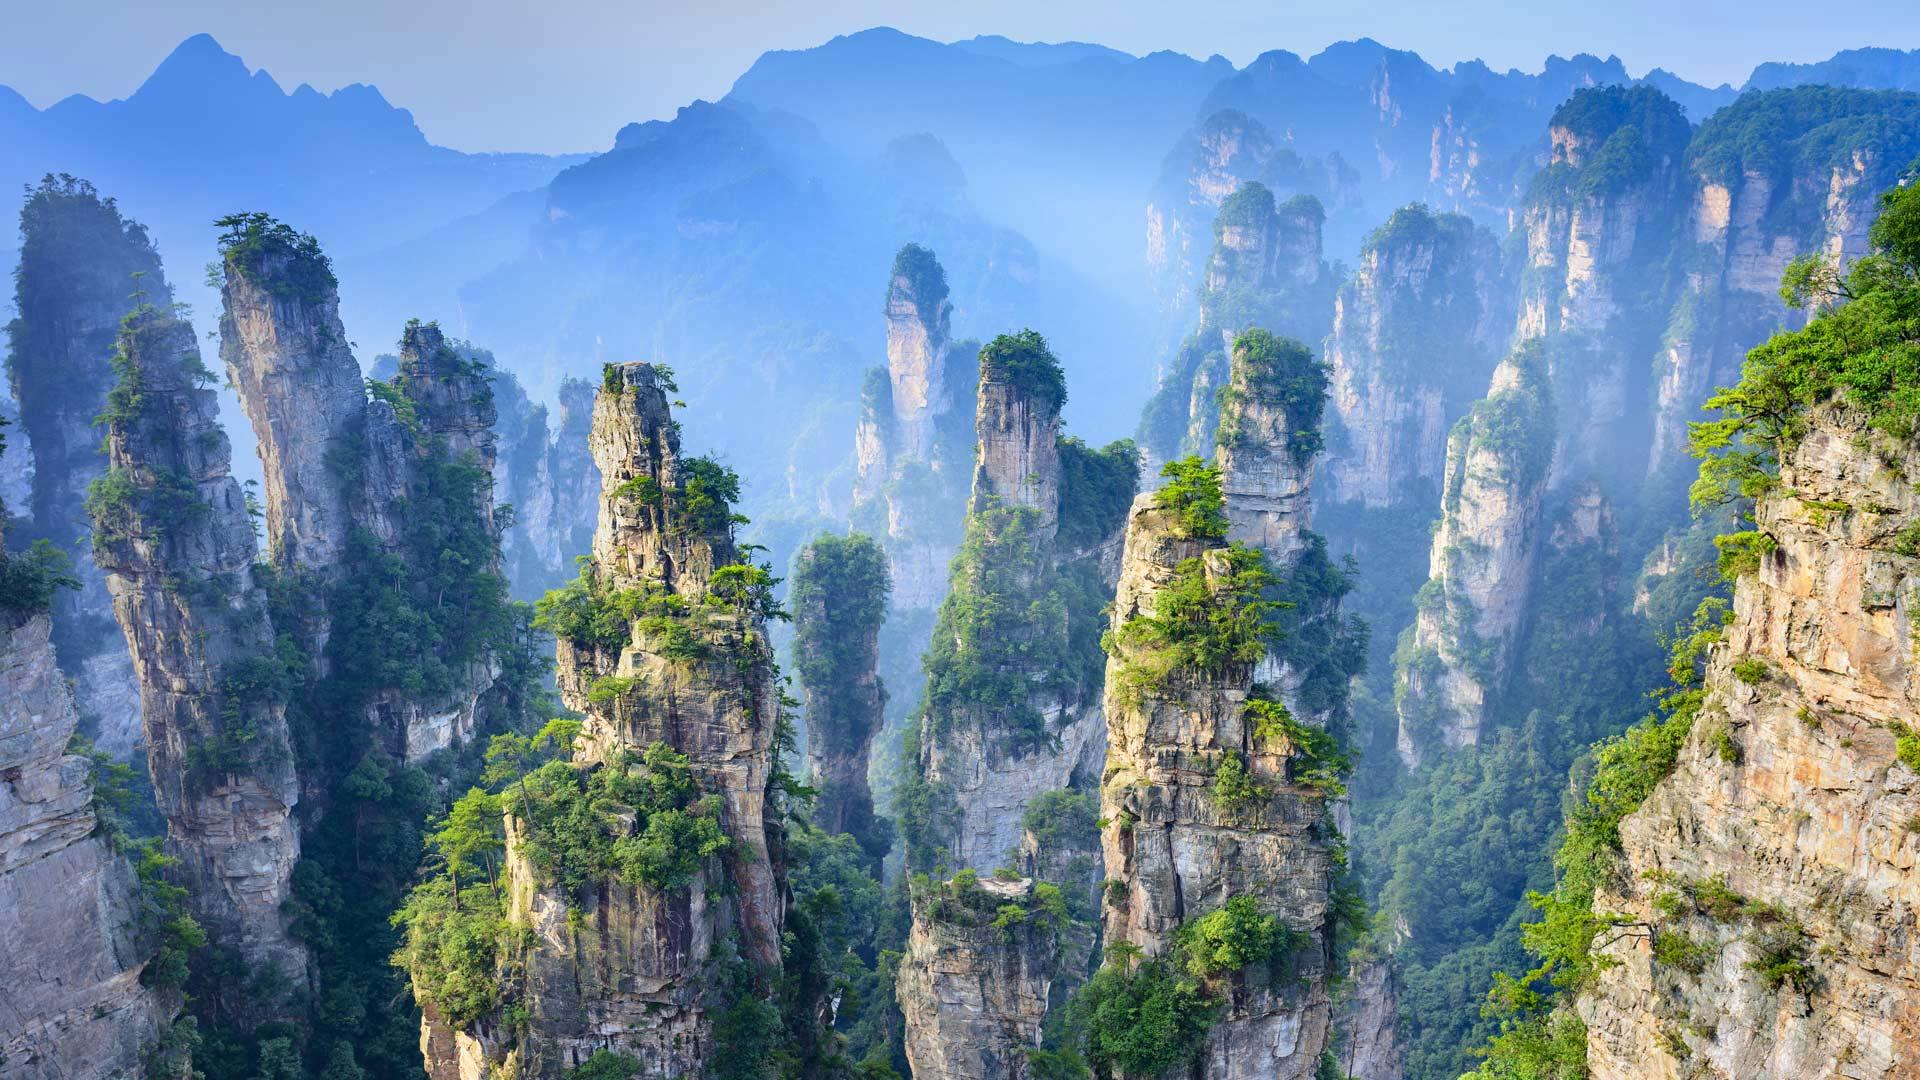 Zhangjiajie National Forest Park in Hunan Province, China (© aphotostory/Shutterstock)